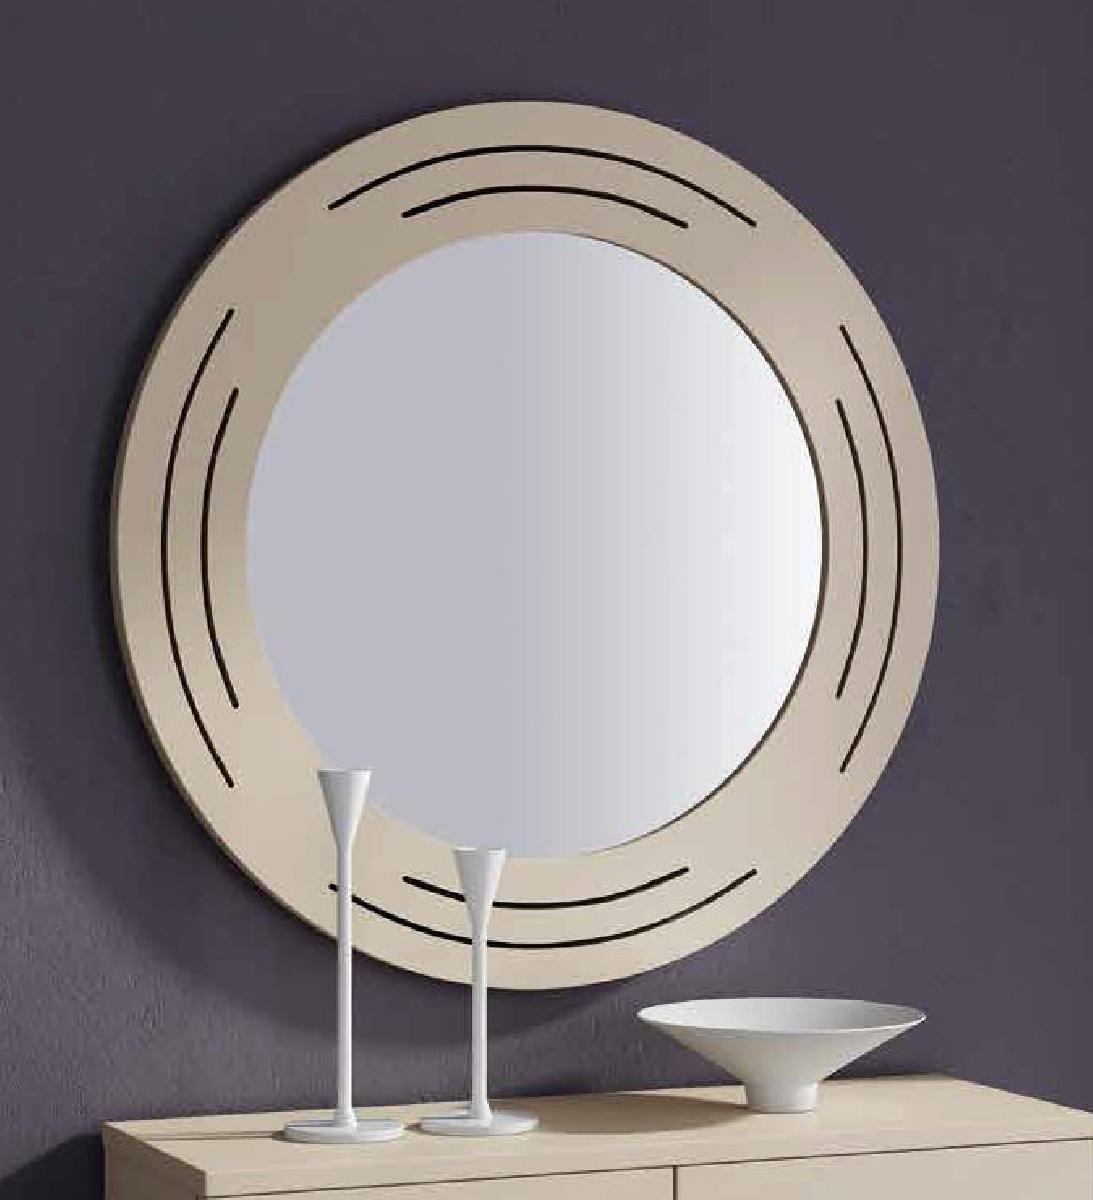 Зеркало NORA 670 Capuccino Disemobel